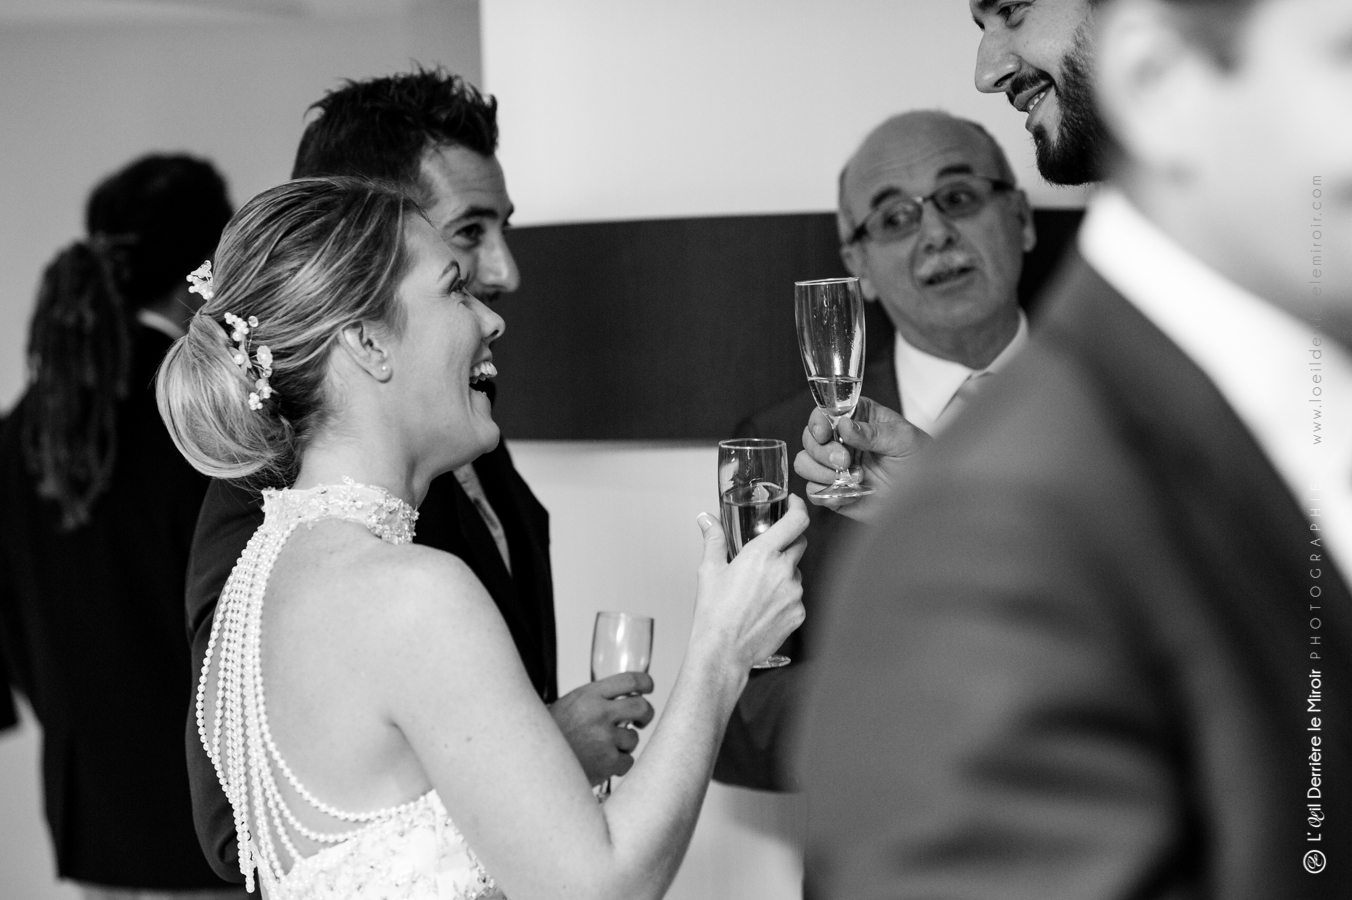 Photographe-mariage-monaco-loeilderrierelemiroir-070